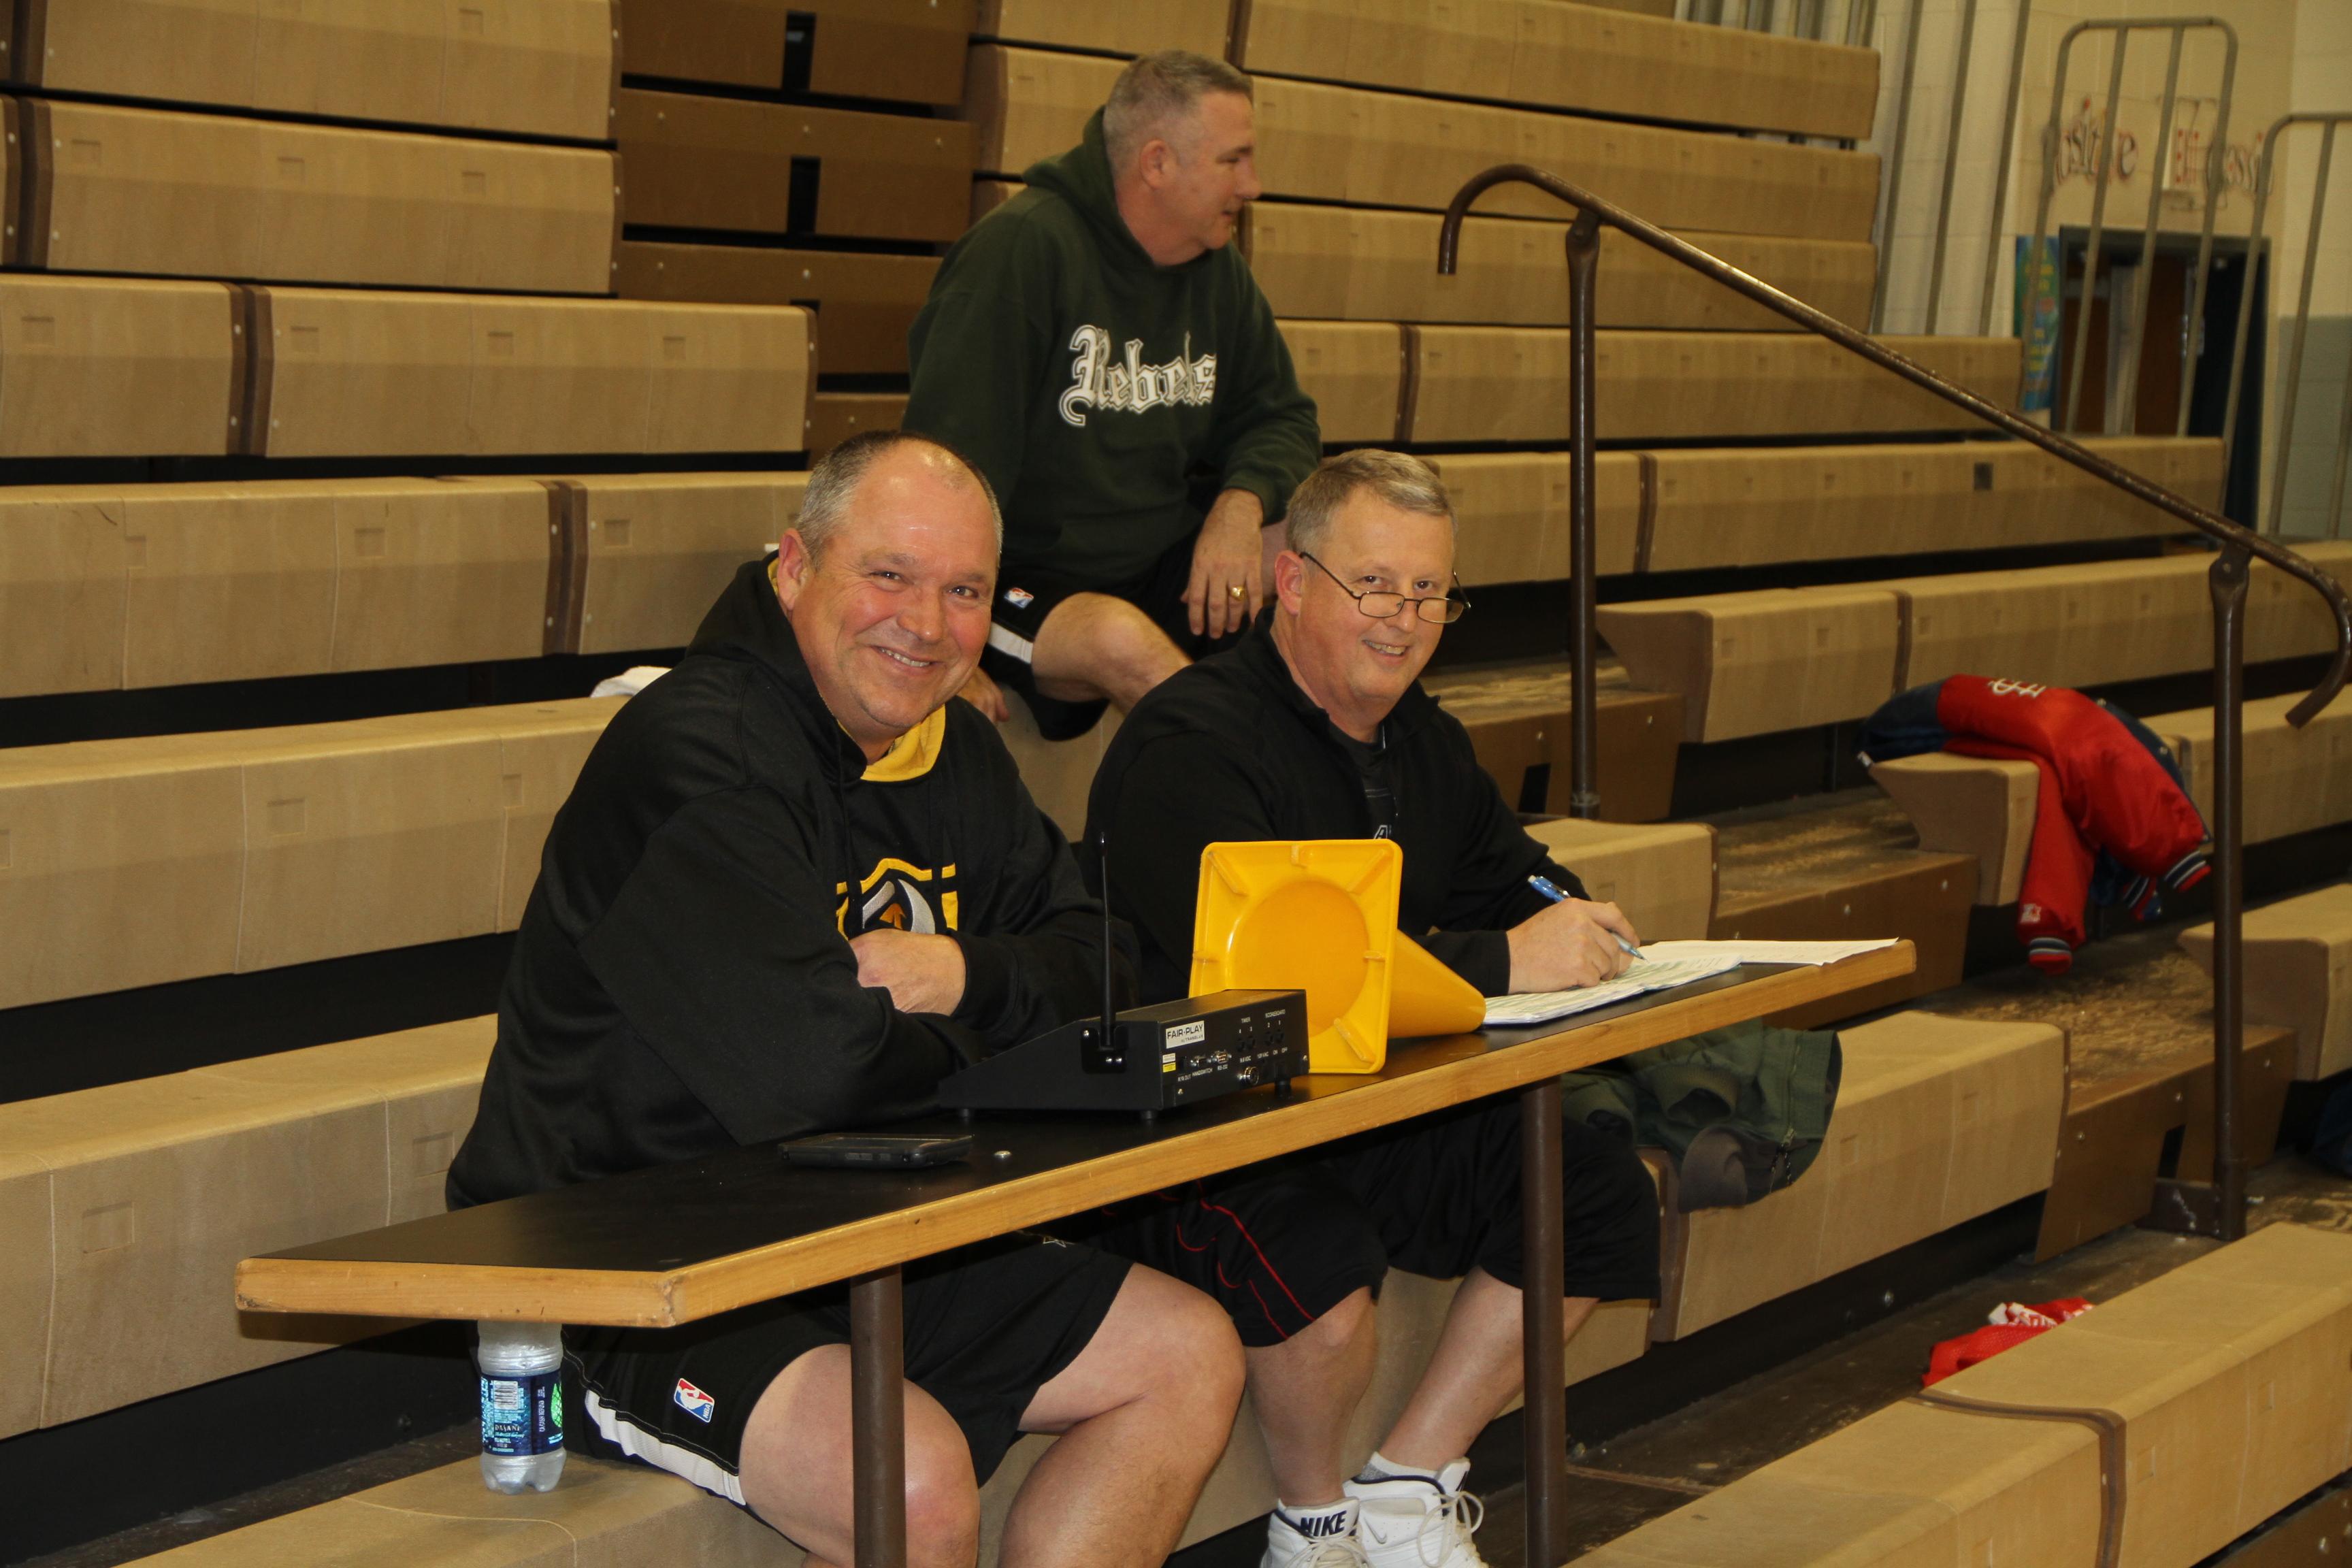 Frank & Paul Scorekeeping